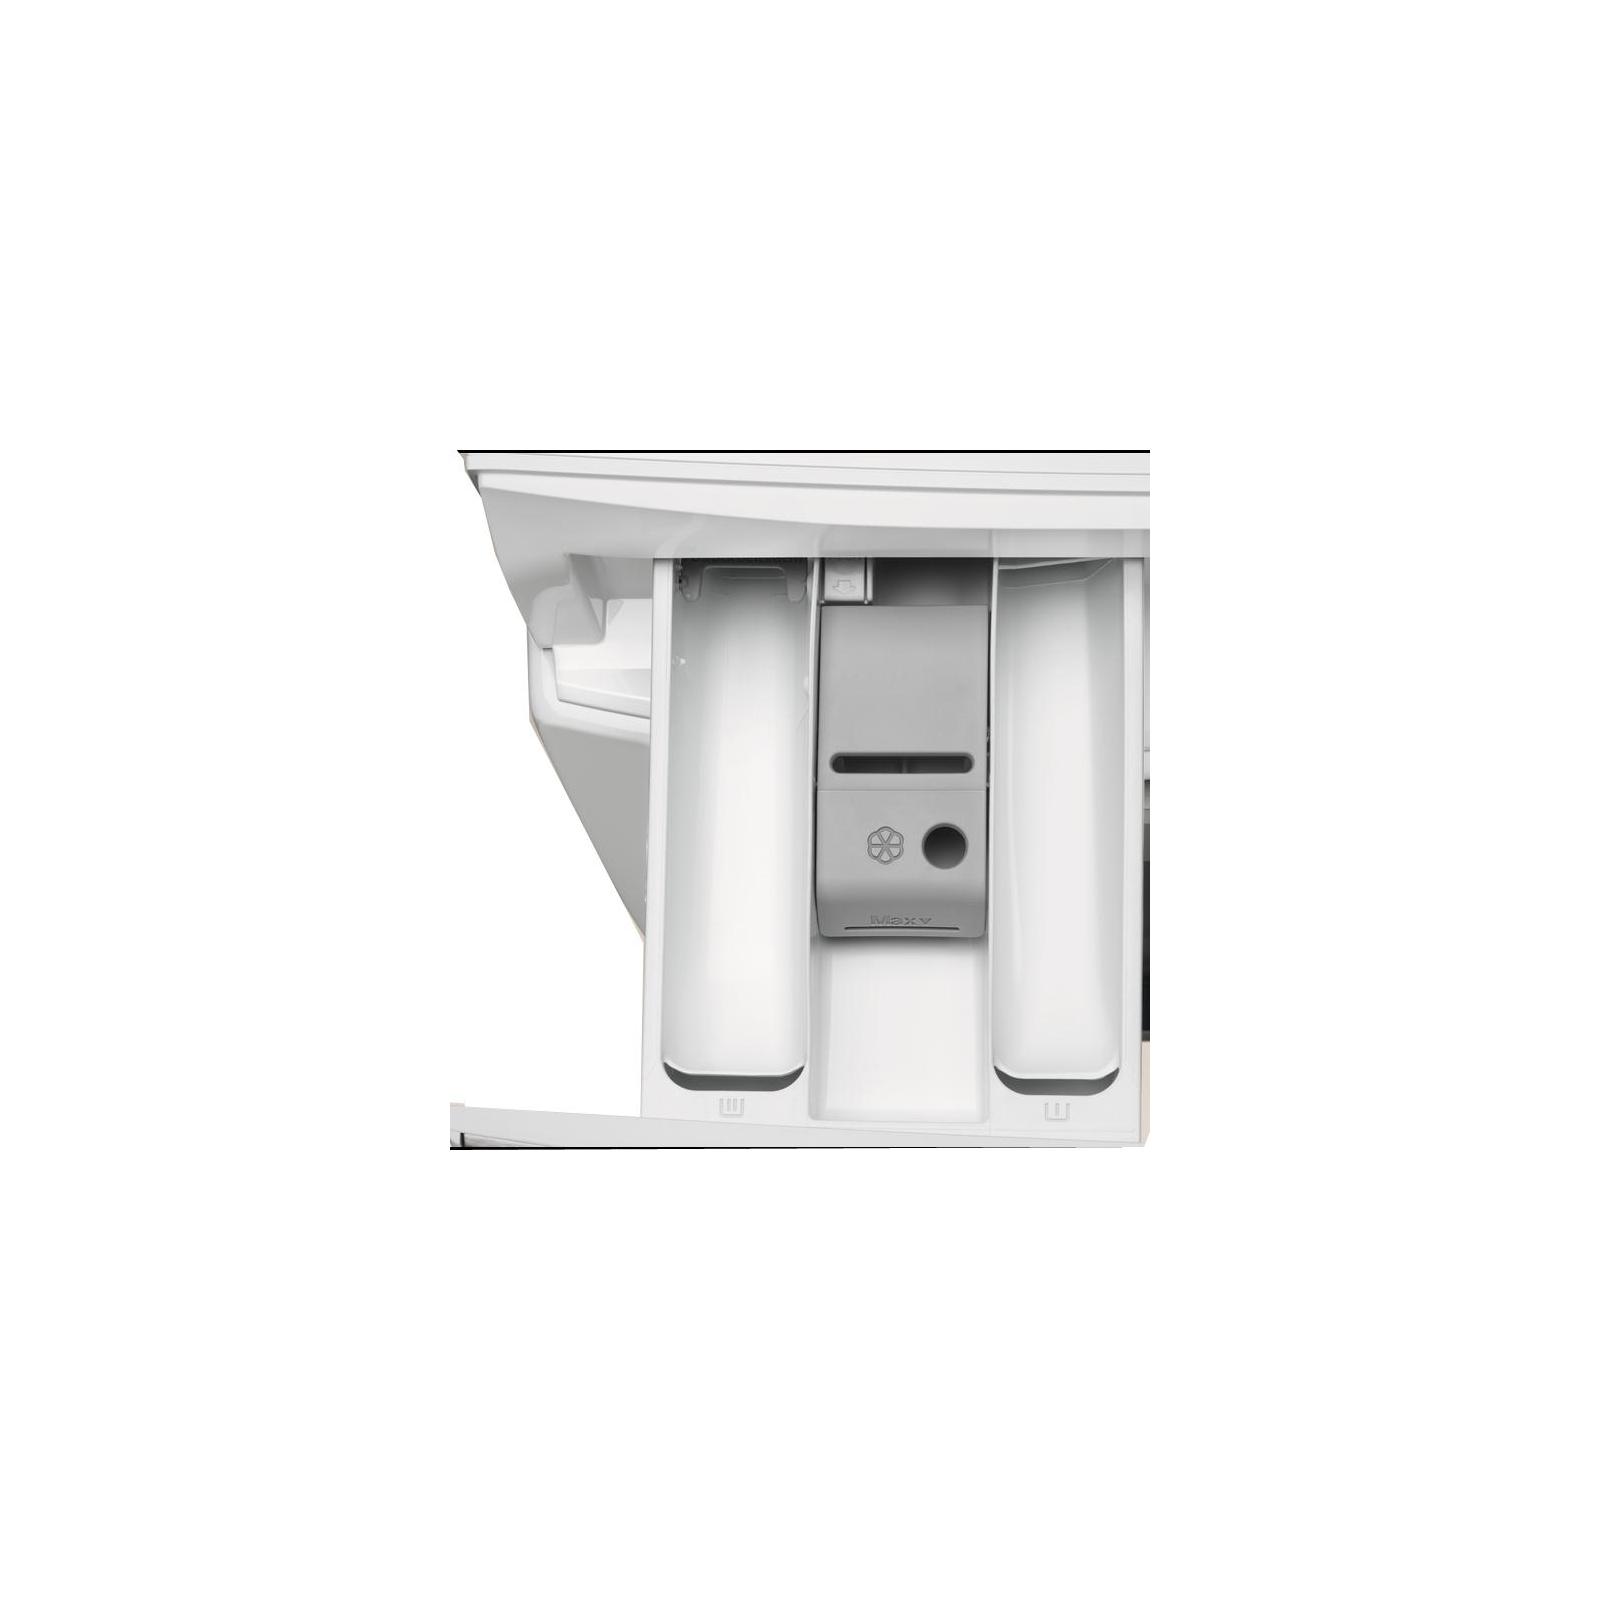 Стиральная машина ELECTROLUX EW7WR268S изображение 5